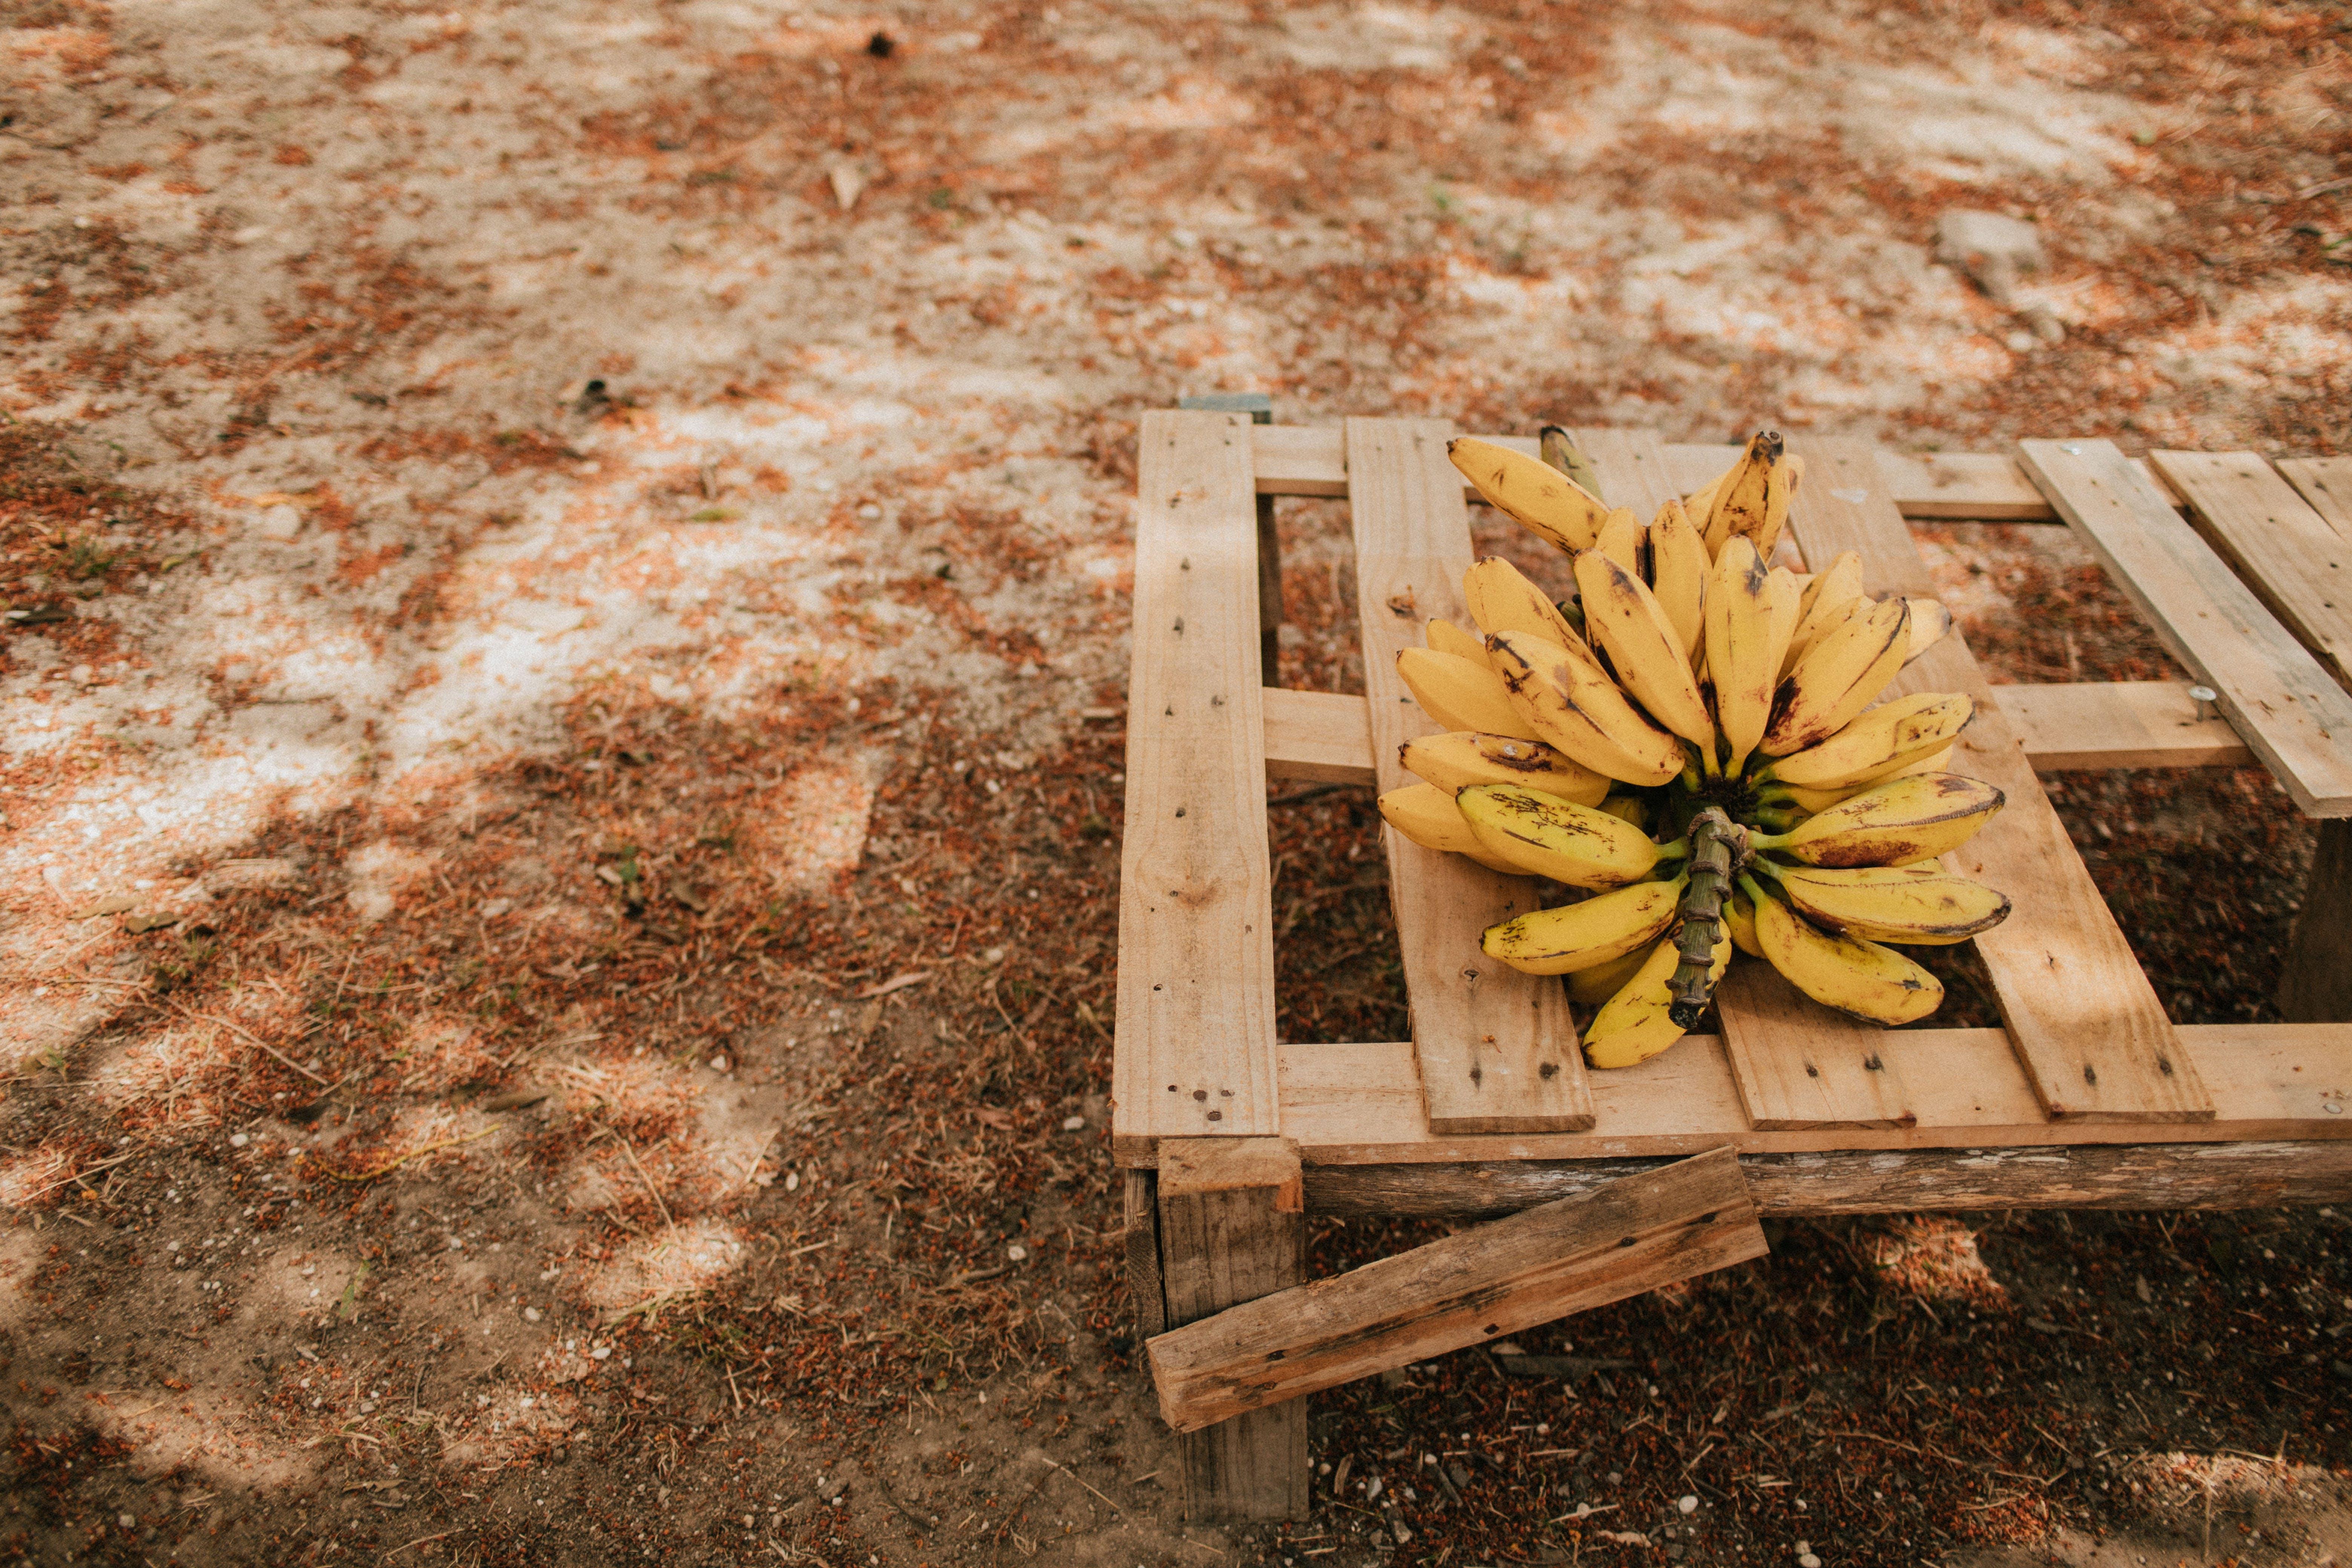 Δωρεάν στοκ φωτογραφιών με καρπός, μπανάνα, Παναμάς, τρόφιμα